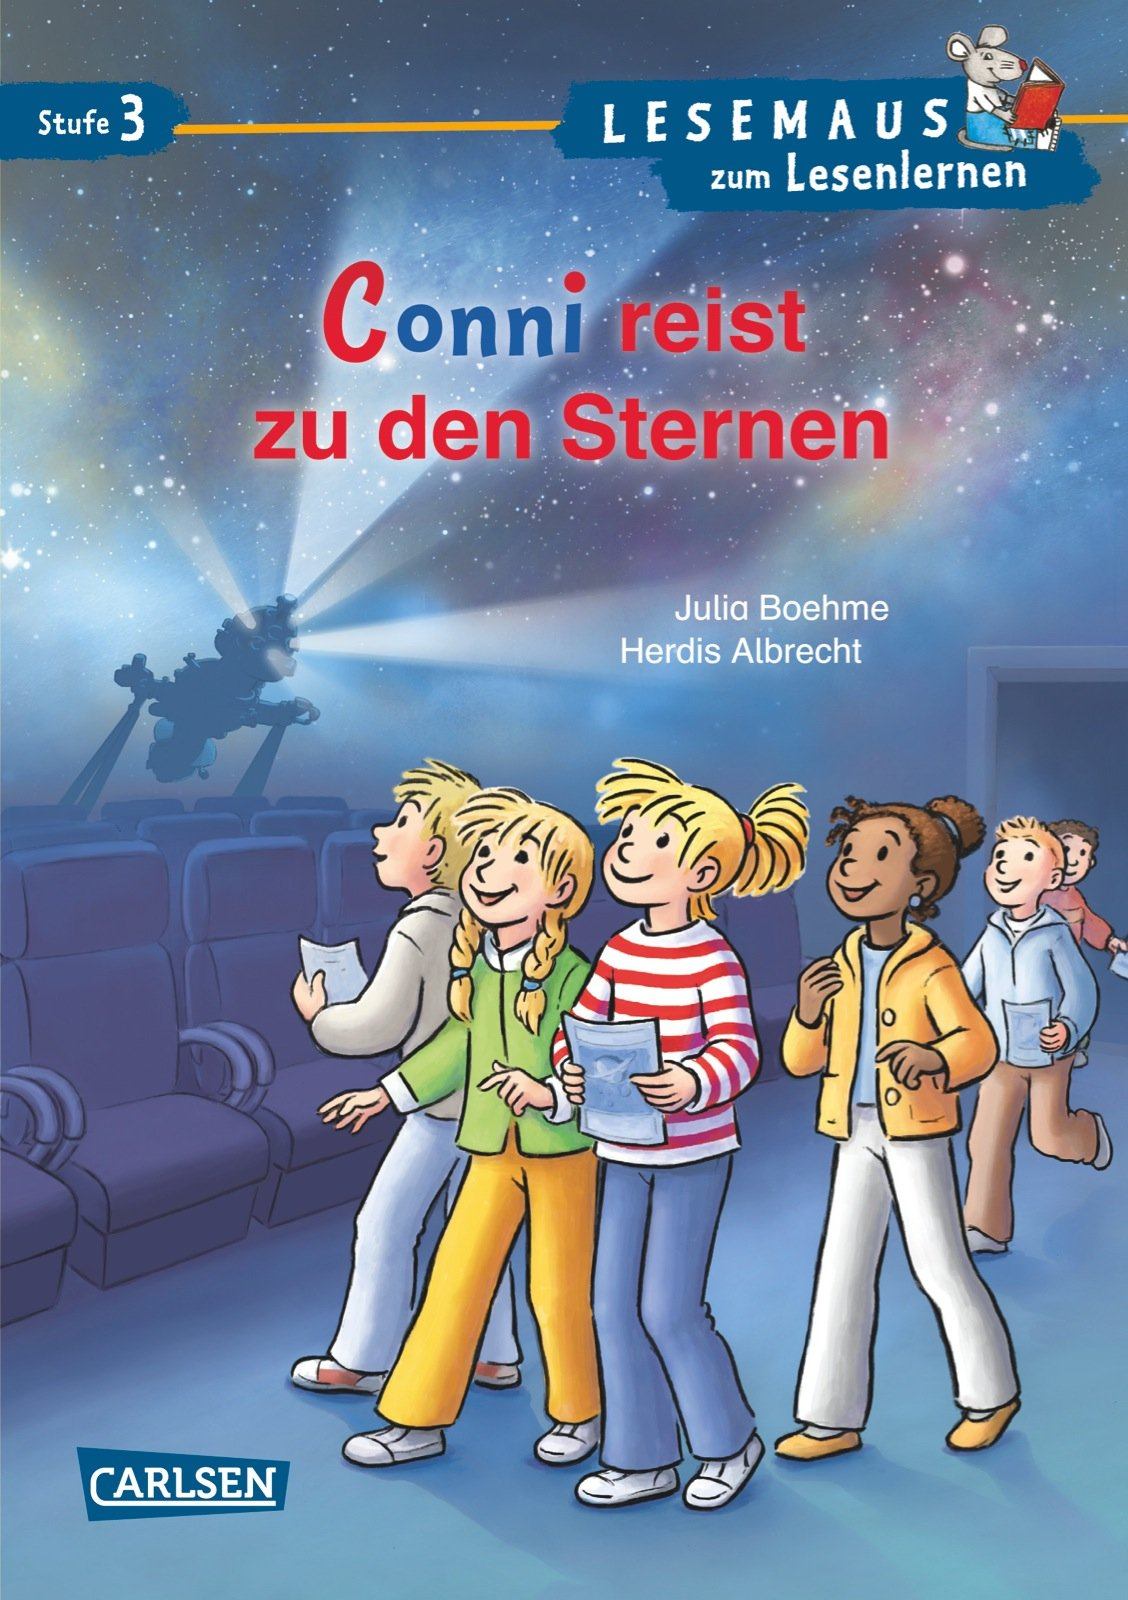 LESEMAUS zum Lesenlernen Stufe 3: Conni reist zu den Sternen